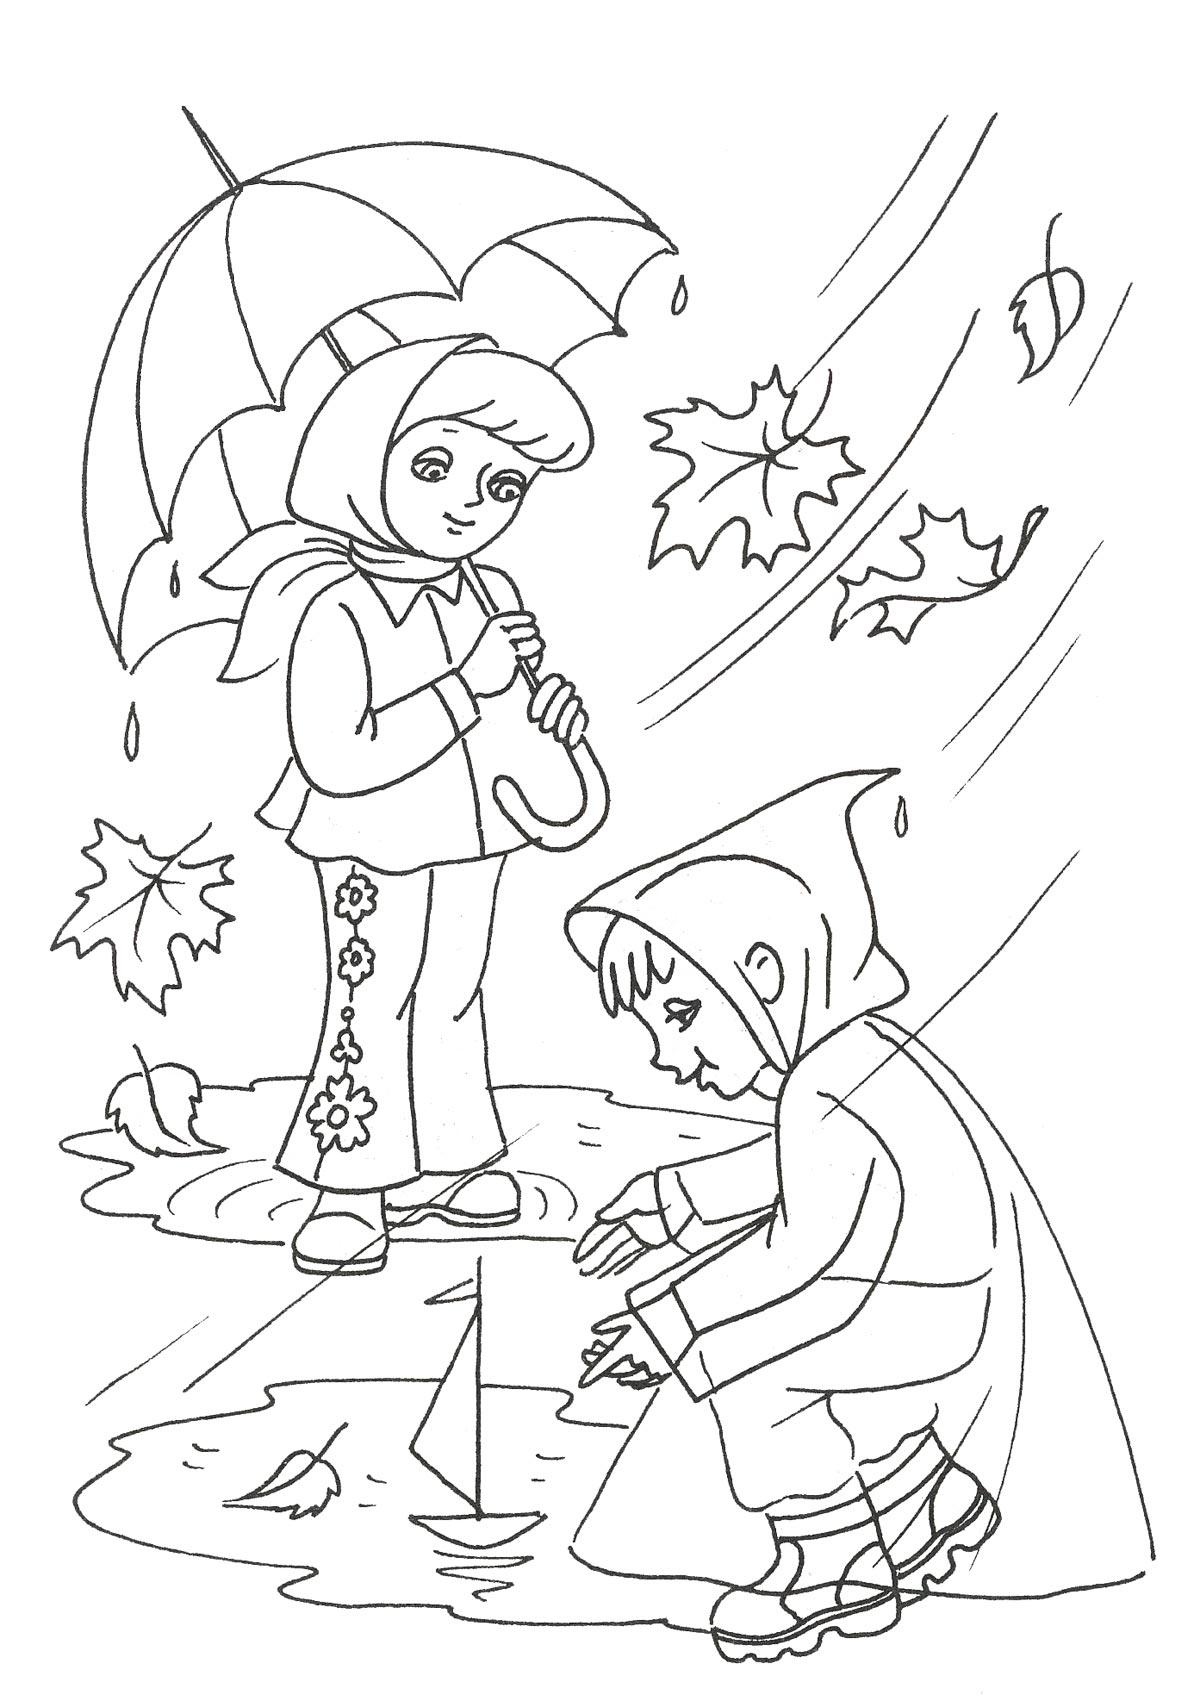 Черно белые картинки на тему осень для детей (24)